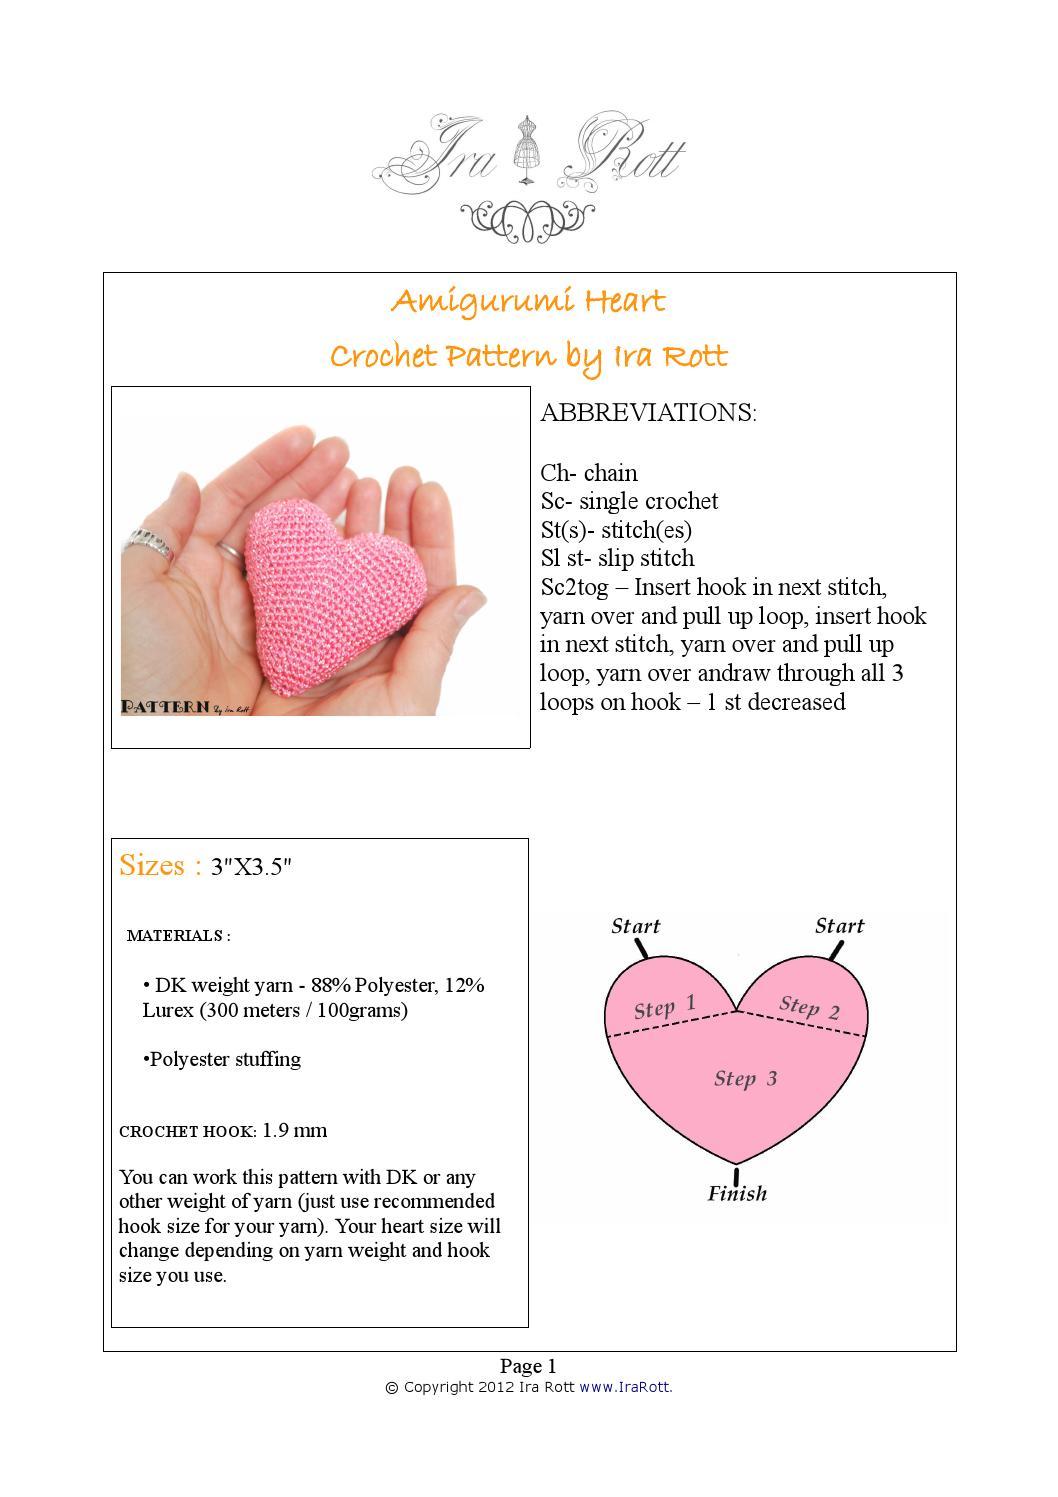 Amigurumi Heart Pattern | Crochet heart pattern, Free heart ... | 1497x1058